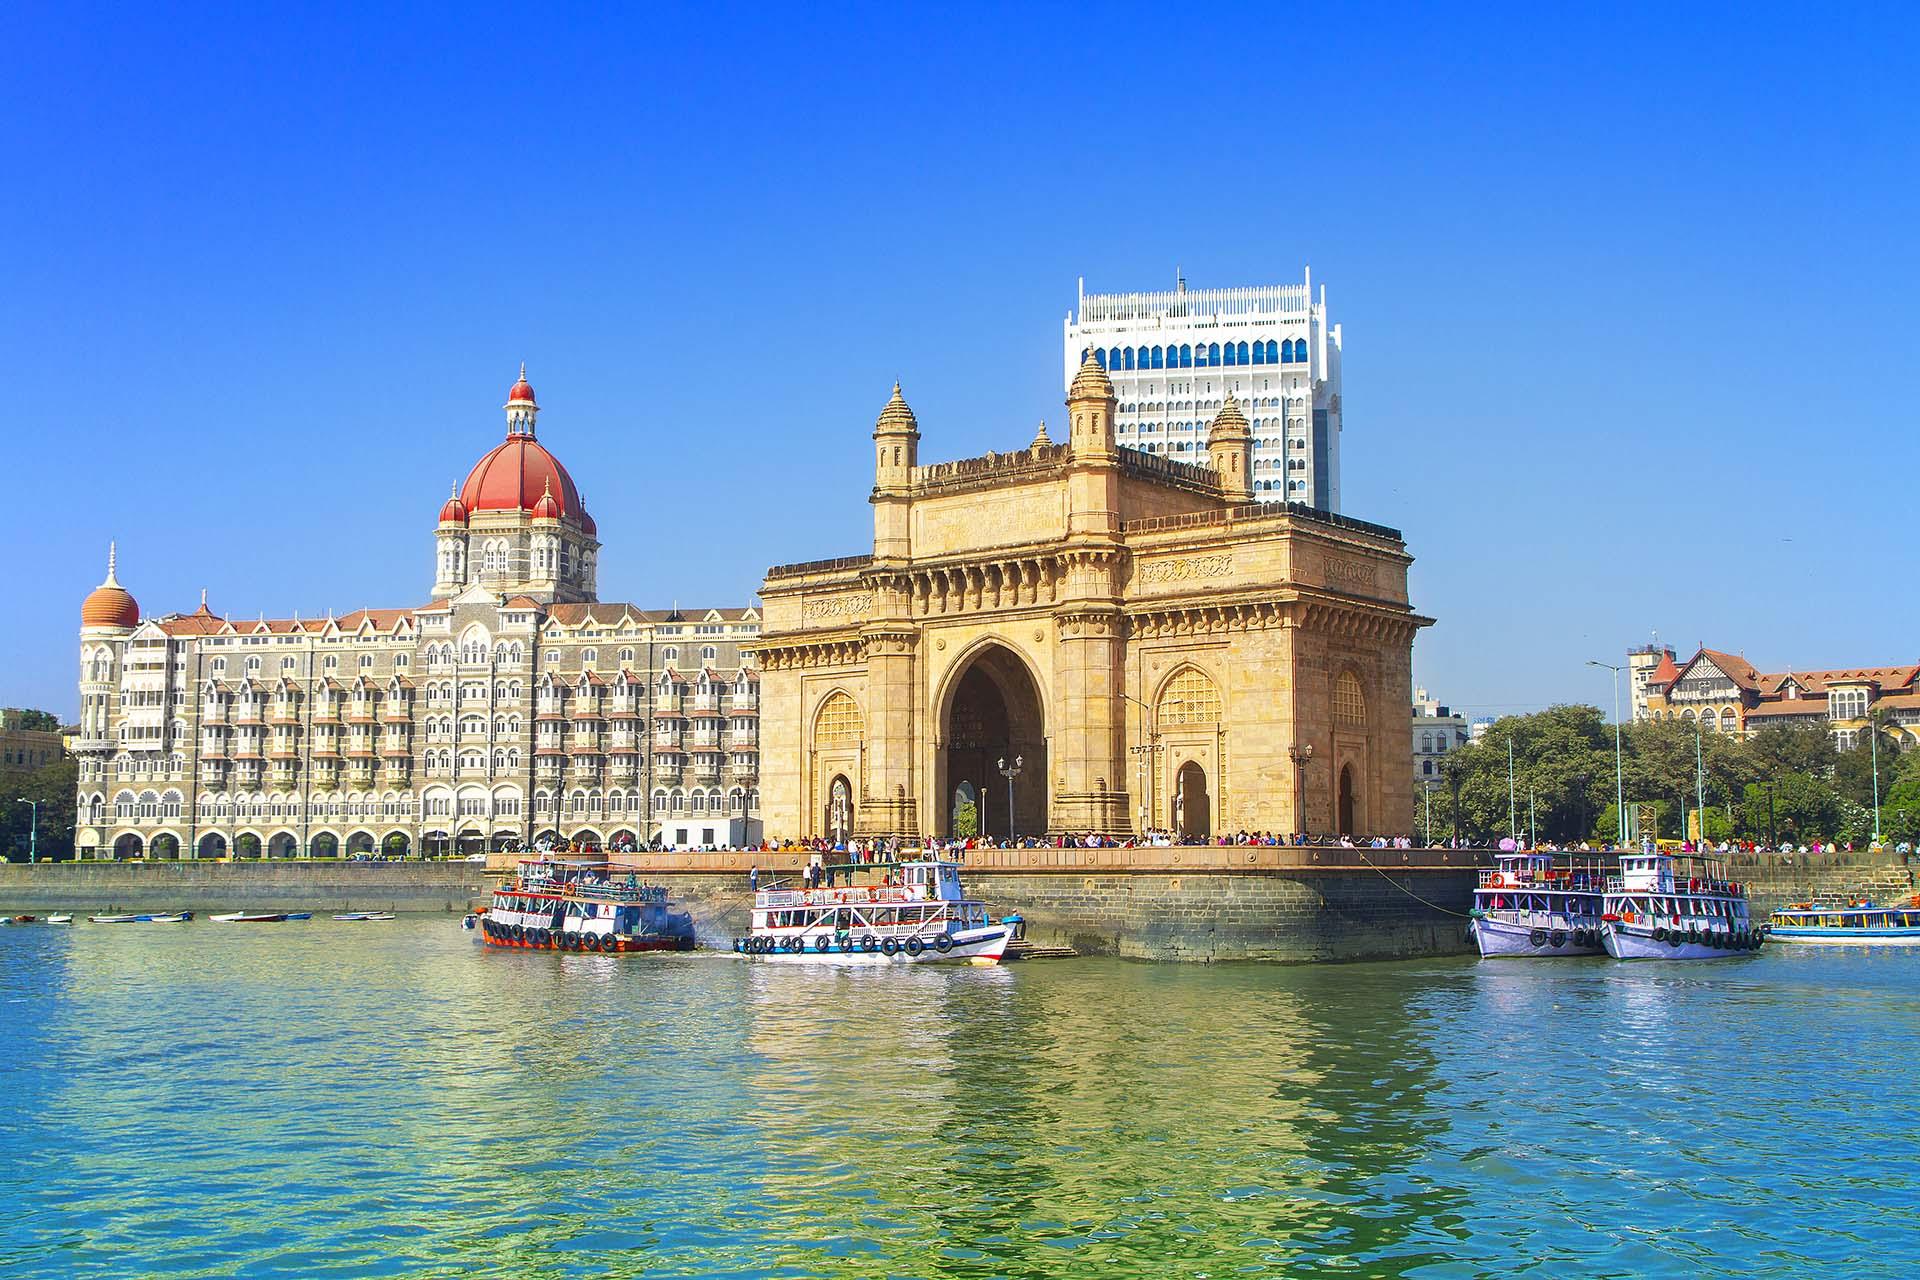 Tiene la industria cinematográfica más prolífica de la India, algunos de los barrios marginales más grandes de Asia (así como el hogar más caro del mundo) y el bosque tropical más grande en una zona urbana. Mumbai es la potencia financiera de la India, el epicentro de la moda y un punto de tensión religiosa